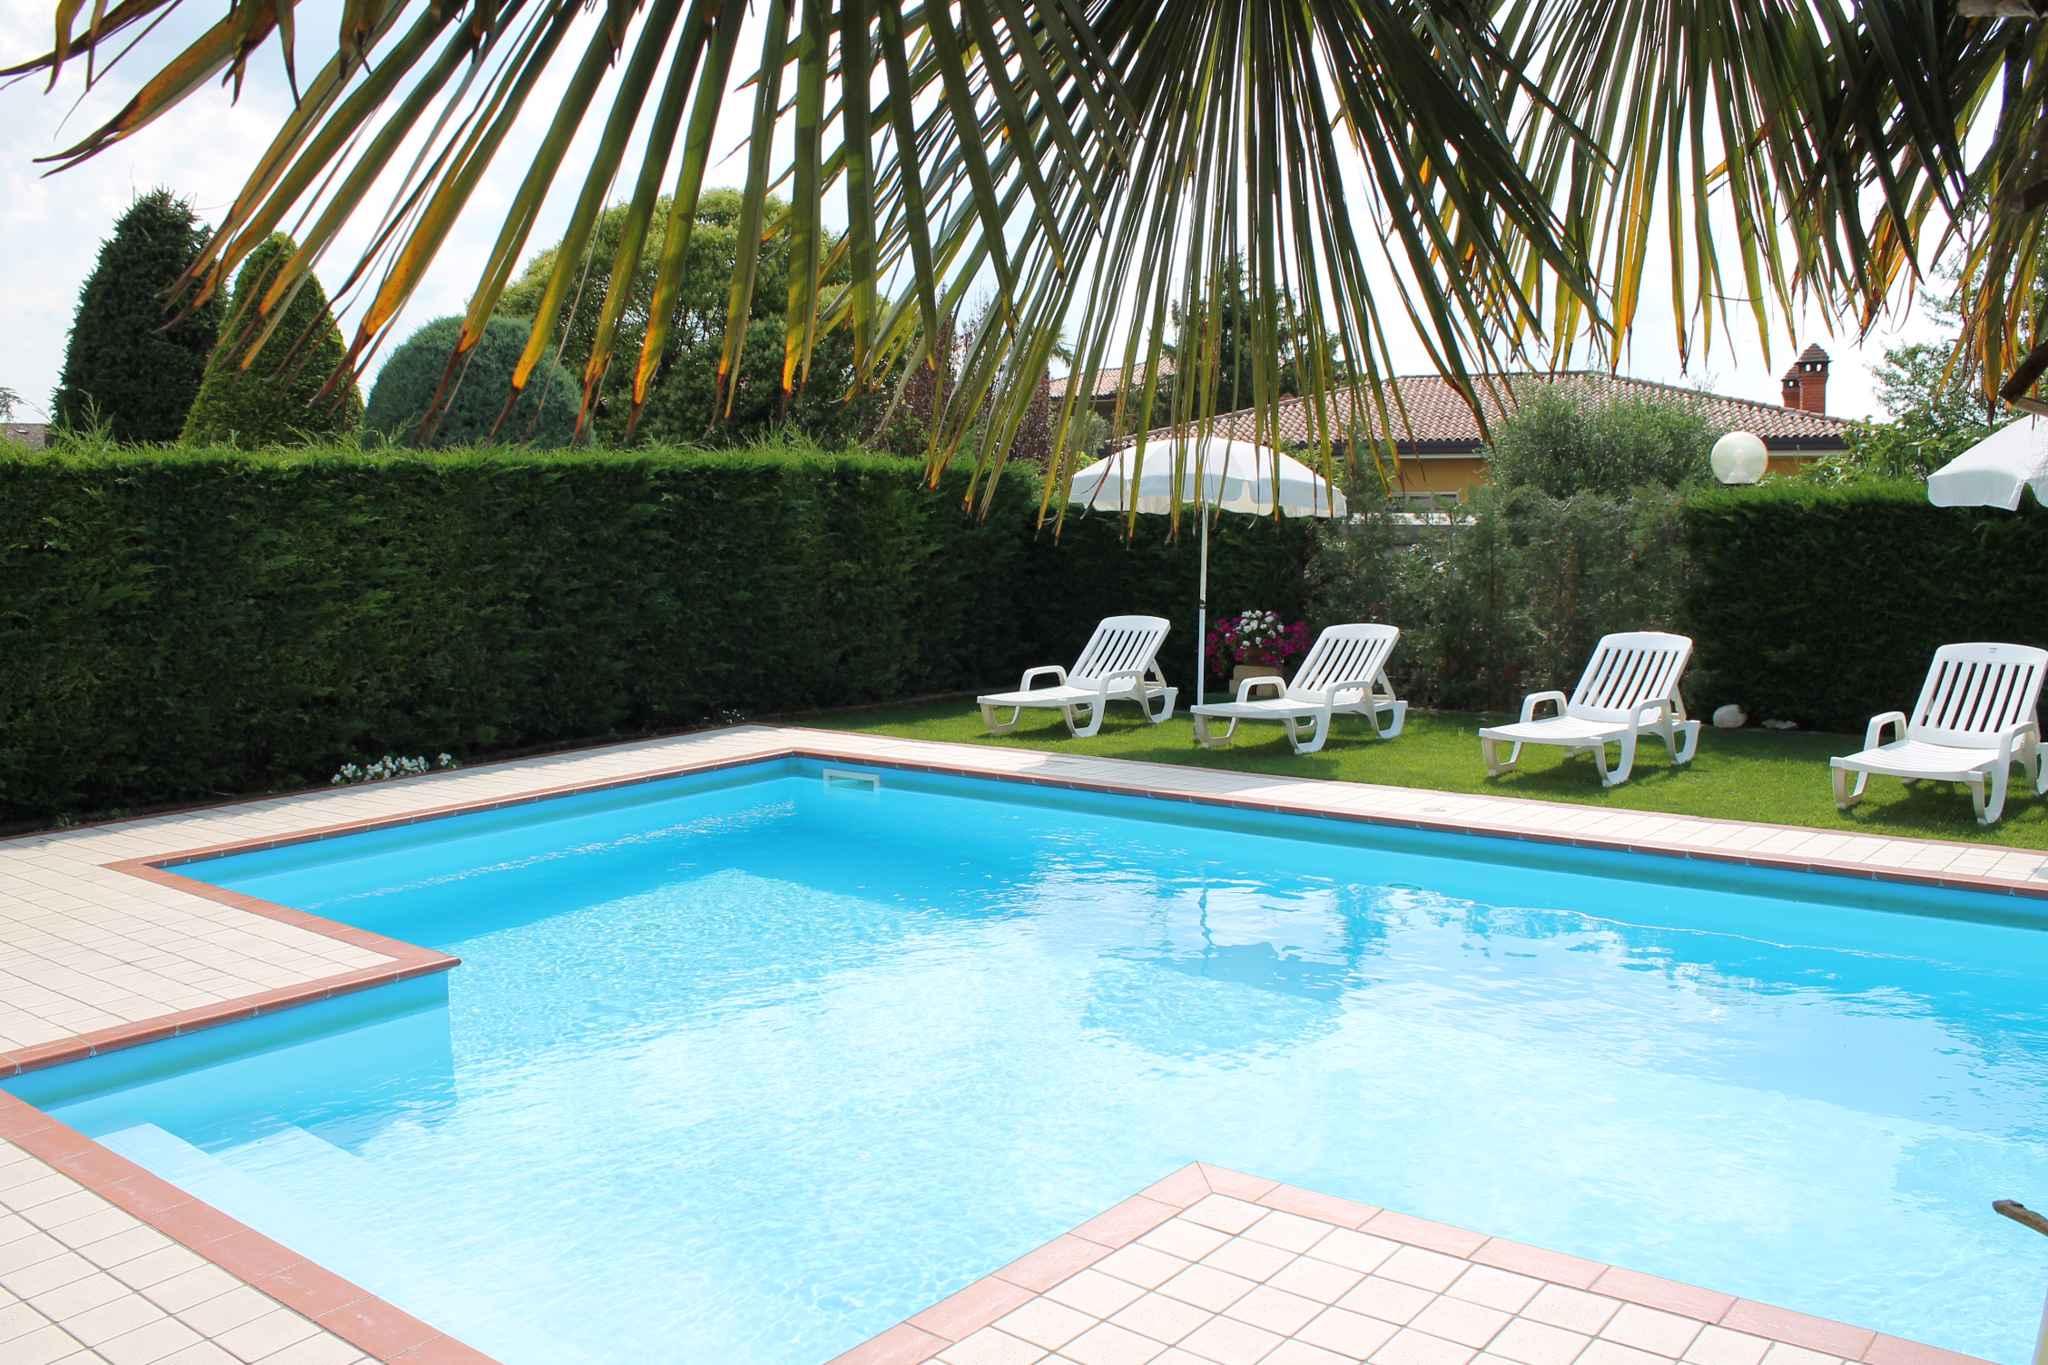 Ferienwohnung con piscina (279582), Lazise, Gardasee, Venetien, Italien, Bild 4